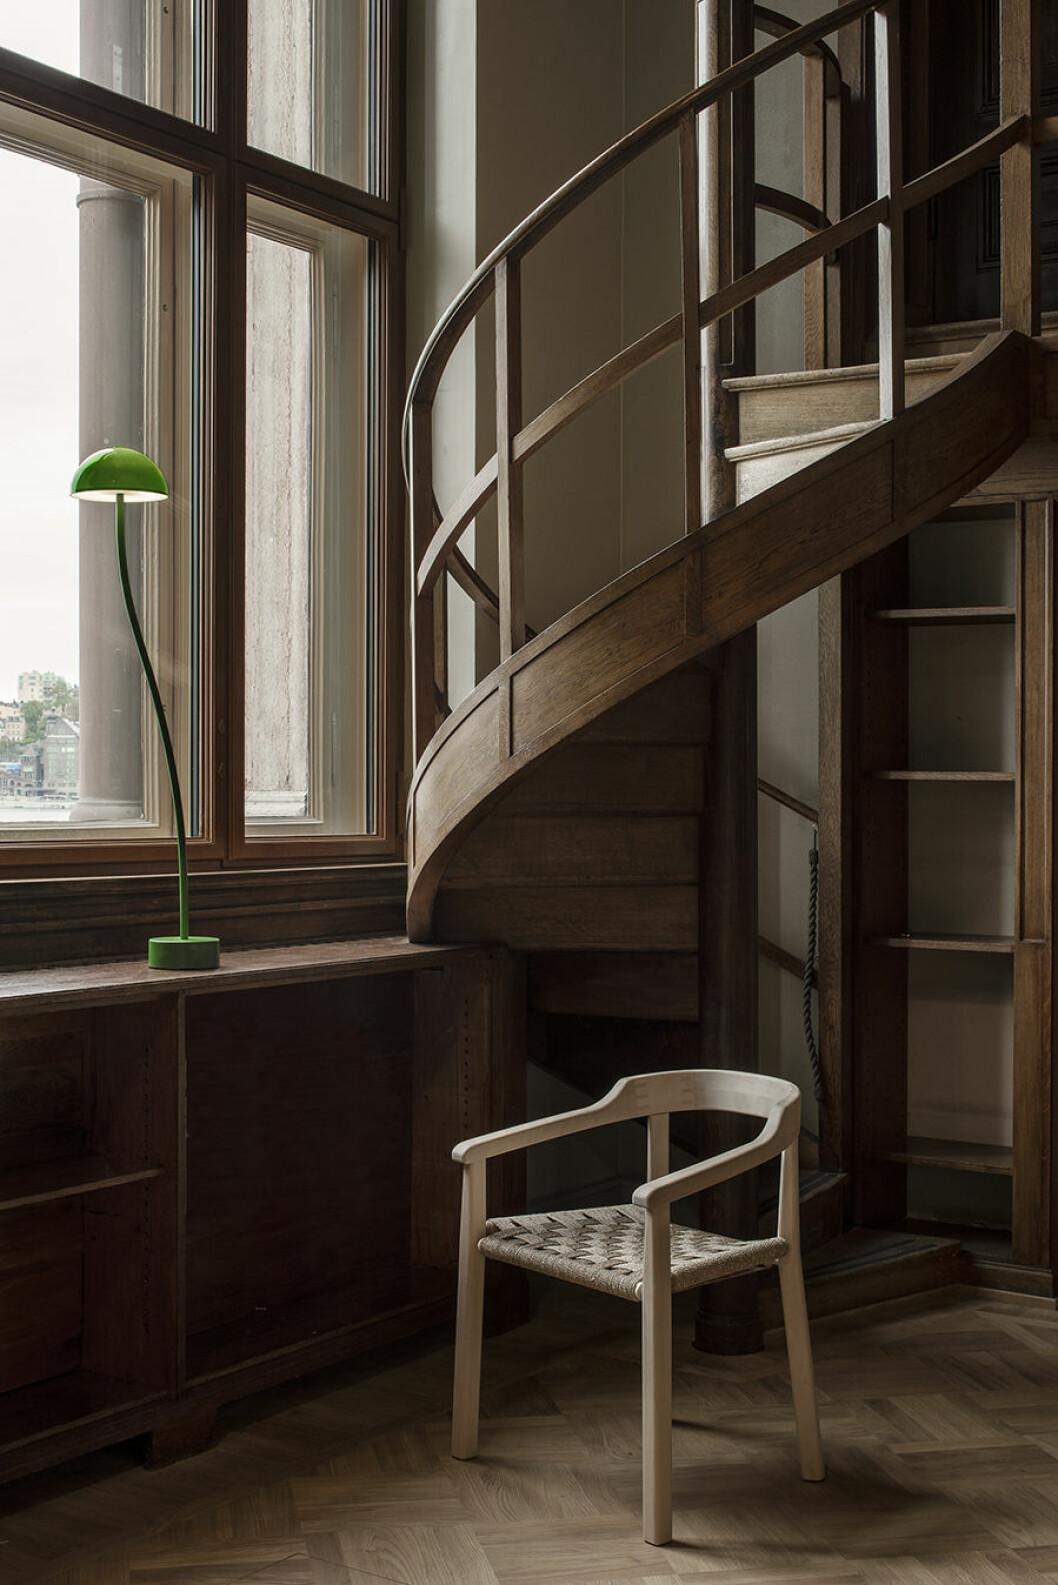 grön läslampa nationalmuseum biblioteket